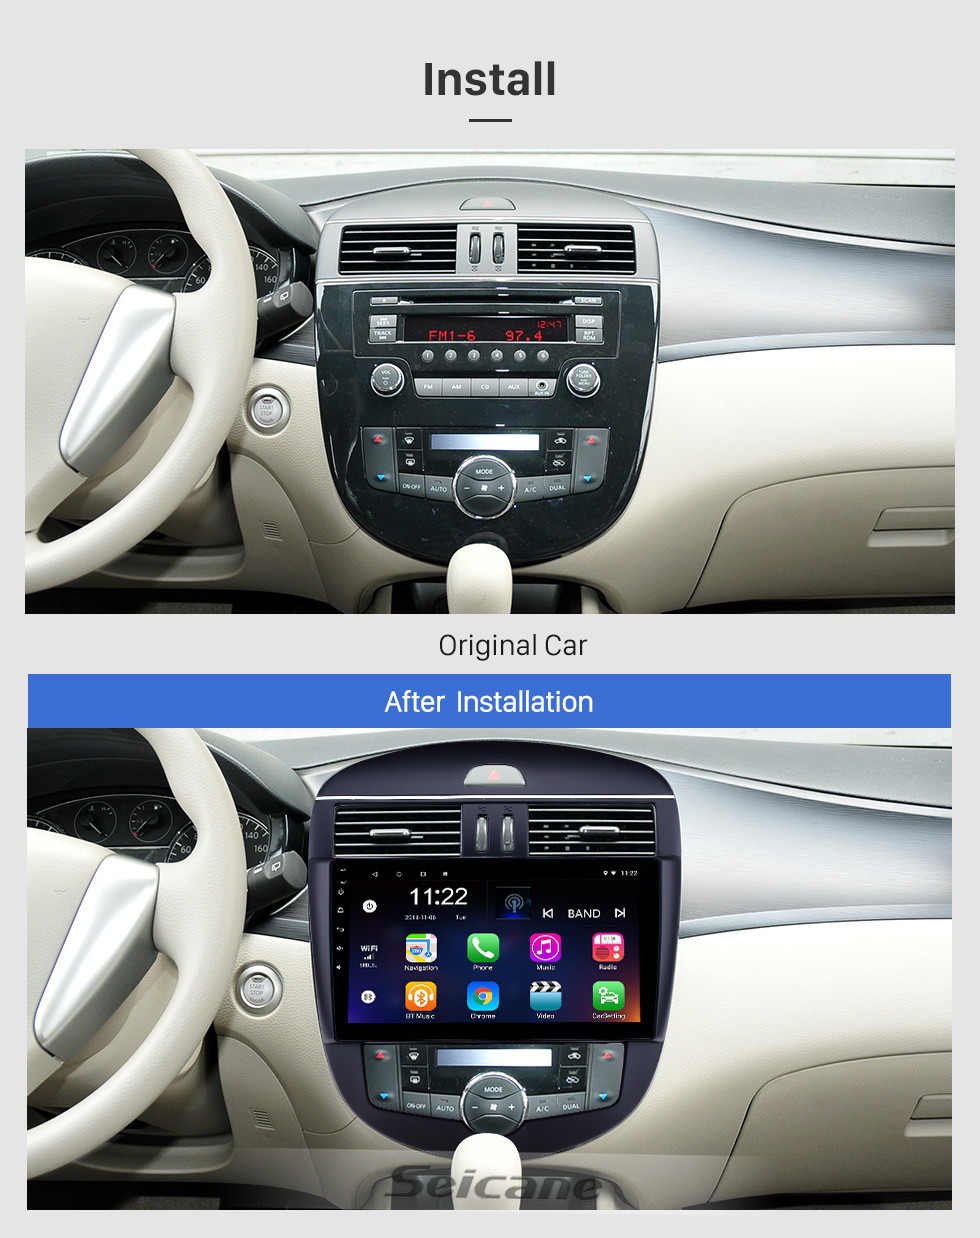 Seicane 10,1-дюймовый Android 10.0 Радио для 2011-2014 Nissan Tiida Авто A / C Bluetooth WIFI HD Сенсорный экран GPS Поддержка навигации Carplay Задняя камера